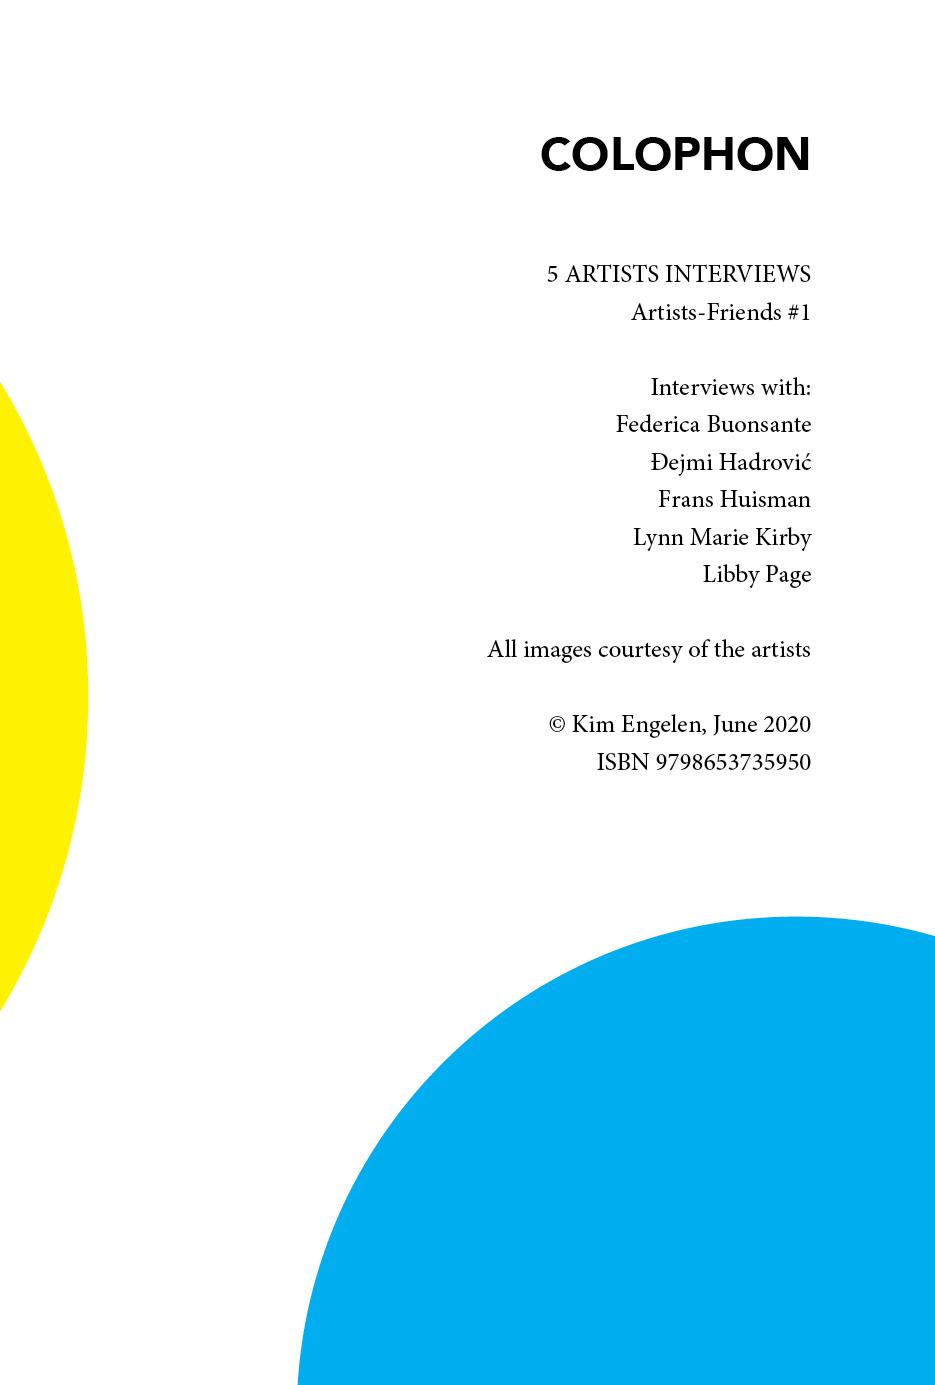 Kim Engelen, 5 Artists Interviews, book 1, Colophon, 2020